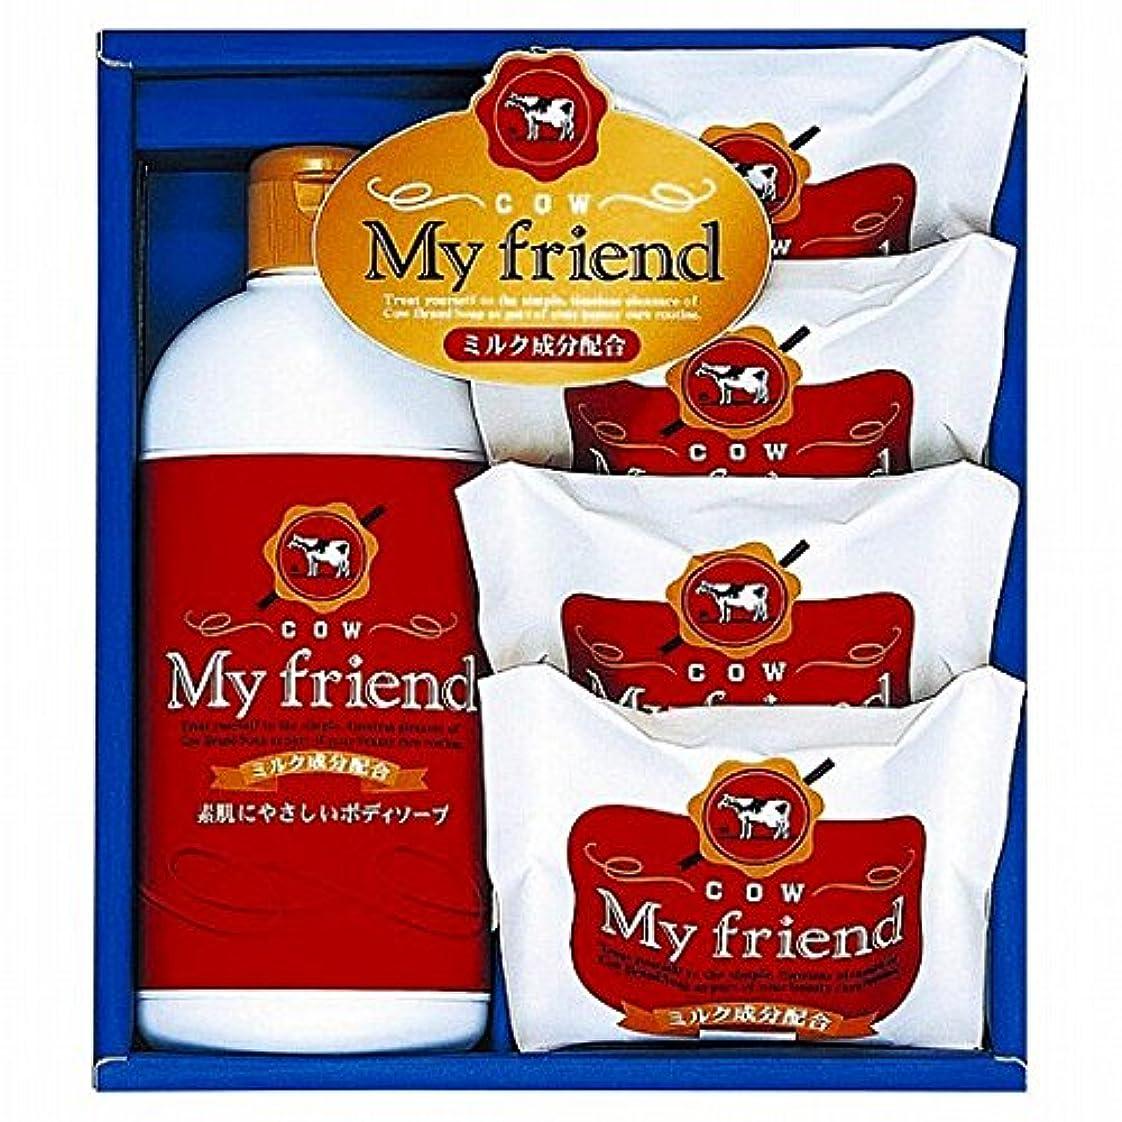 マスタード郵便物三番nobrand 牛乳石鹸 マイフレンドボディソープセット (21940007)